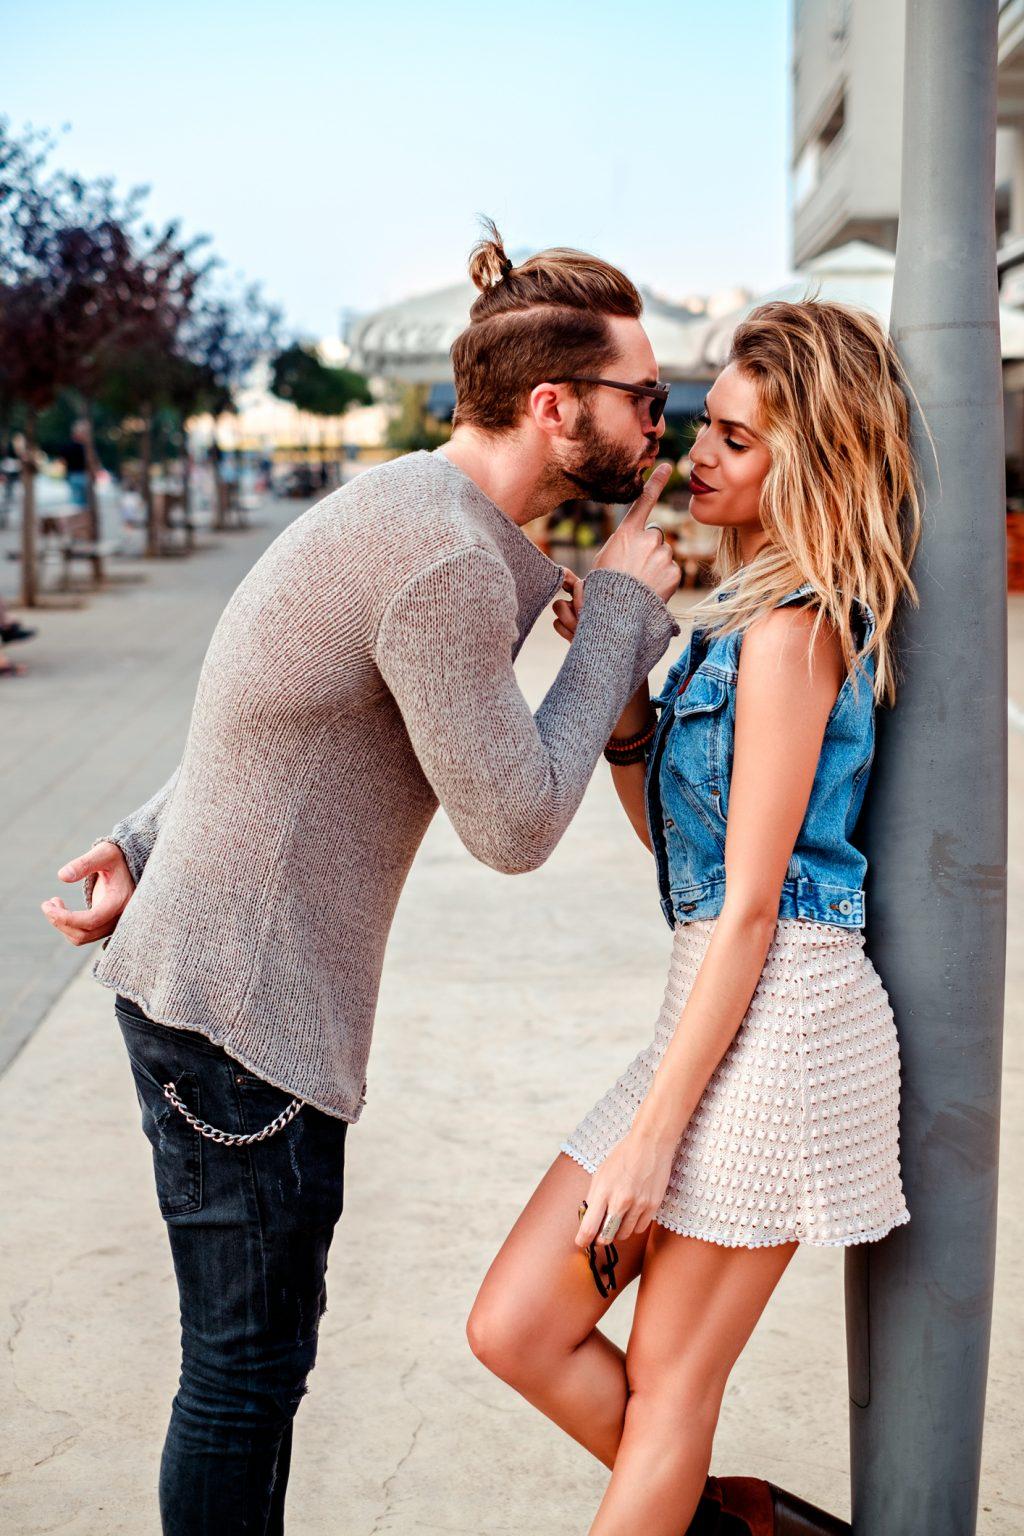 Sex appeal maschile: un bullo può essere attraente?